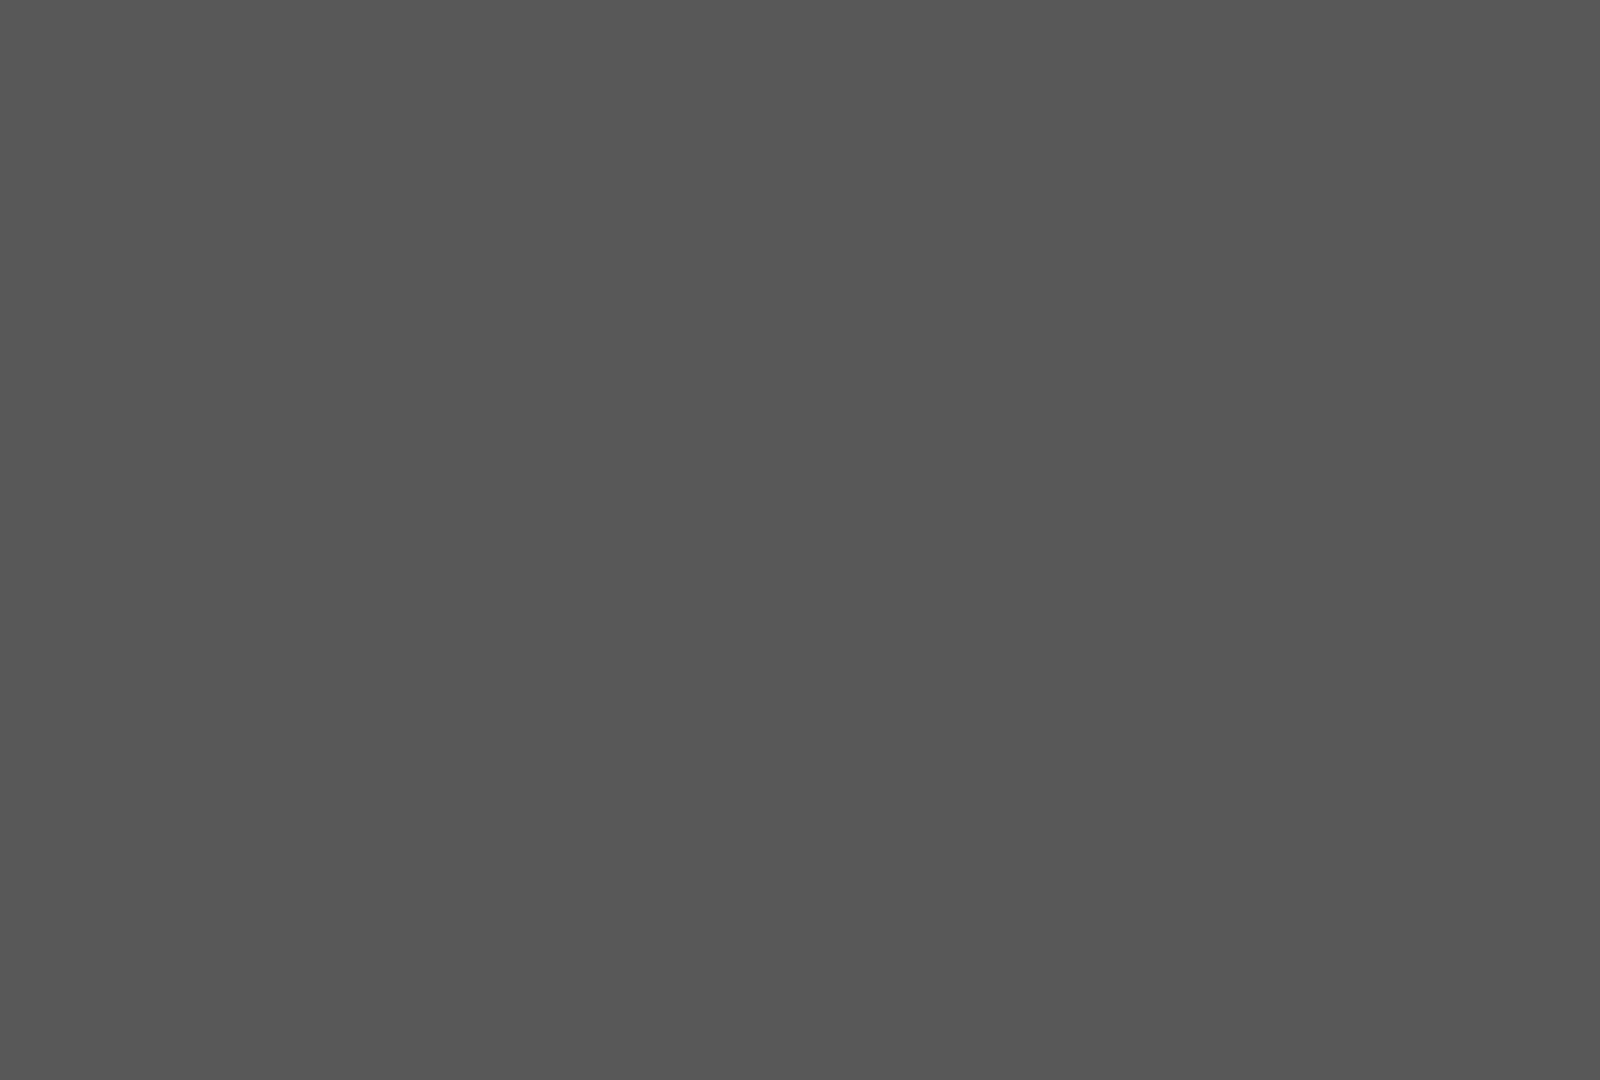 充血監督の深夜の運動会Vol.68 おまんこ特集 ぱこり動画紹介 91枚